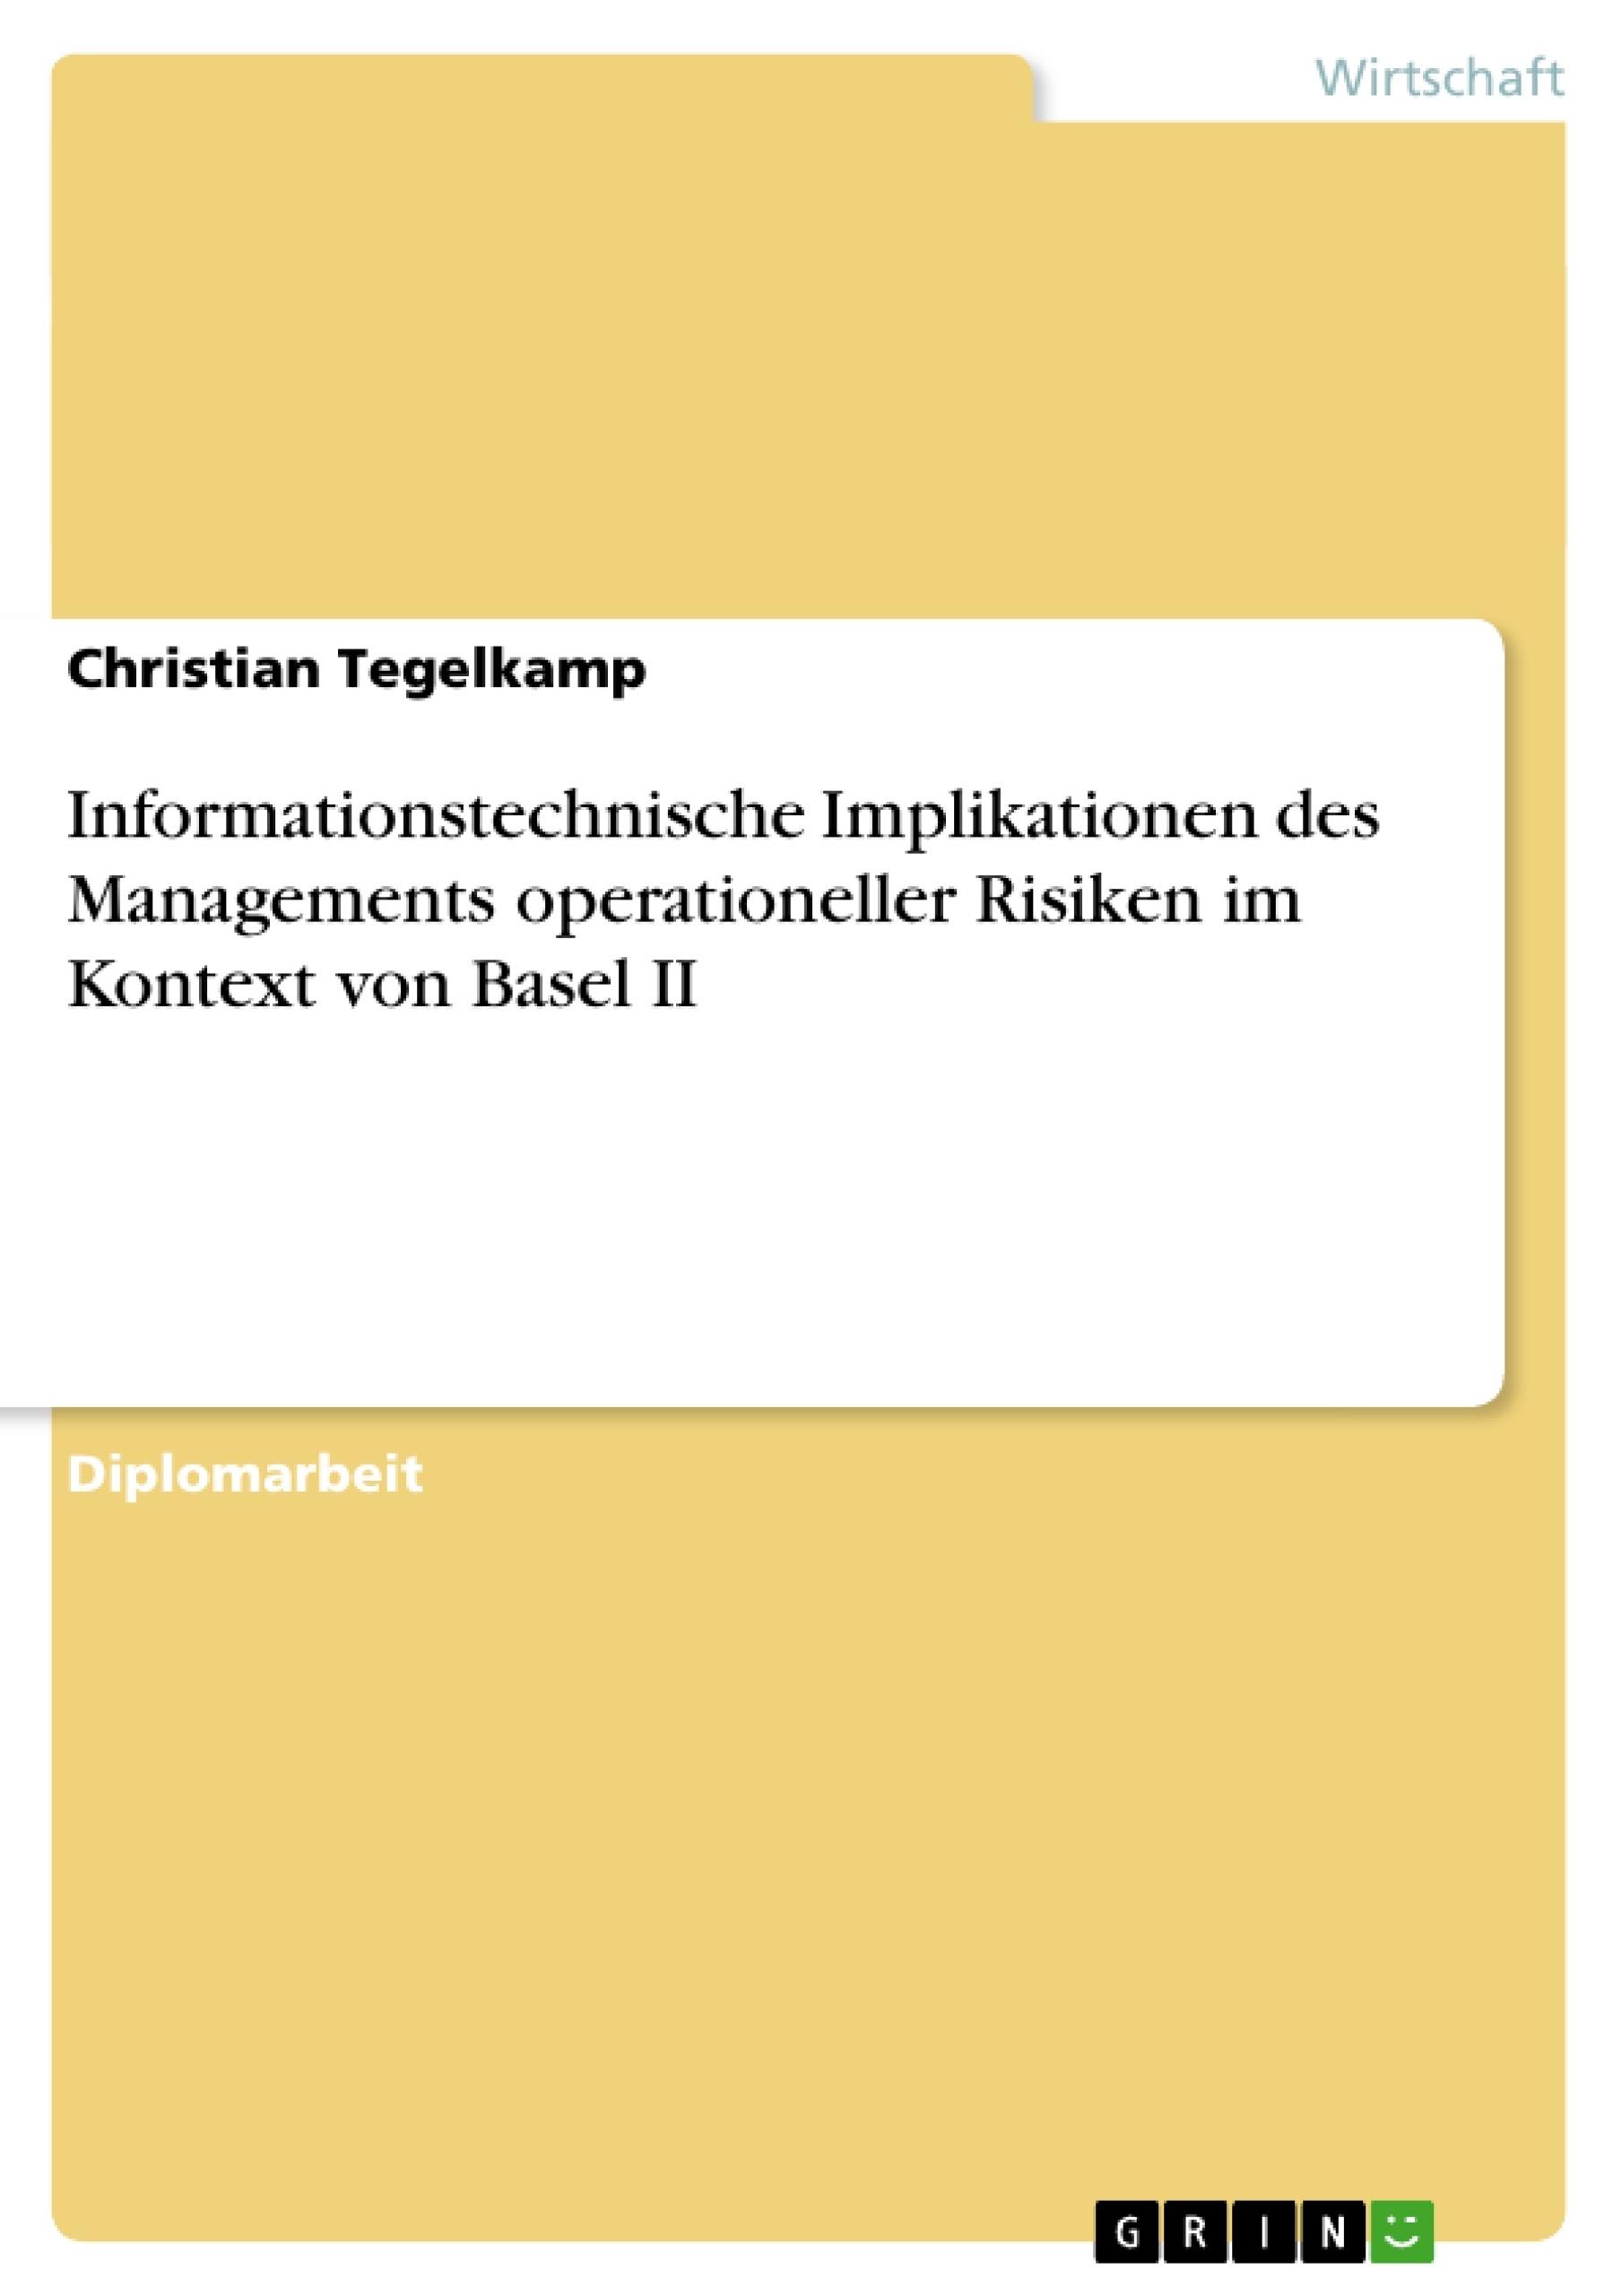 Titel: Informationstechnische Implikationen des Managements operationeller Risiken im Kontext von Basel II